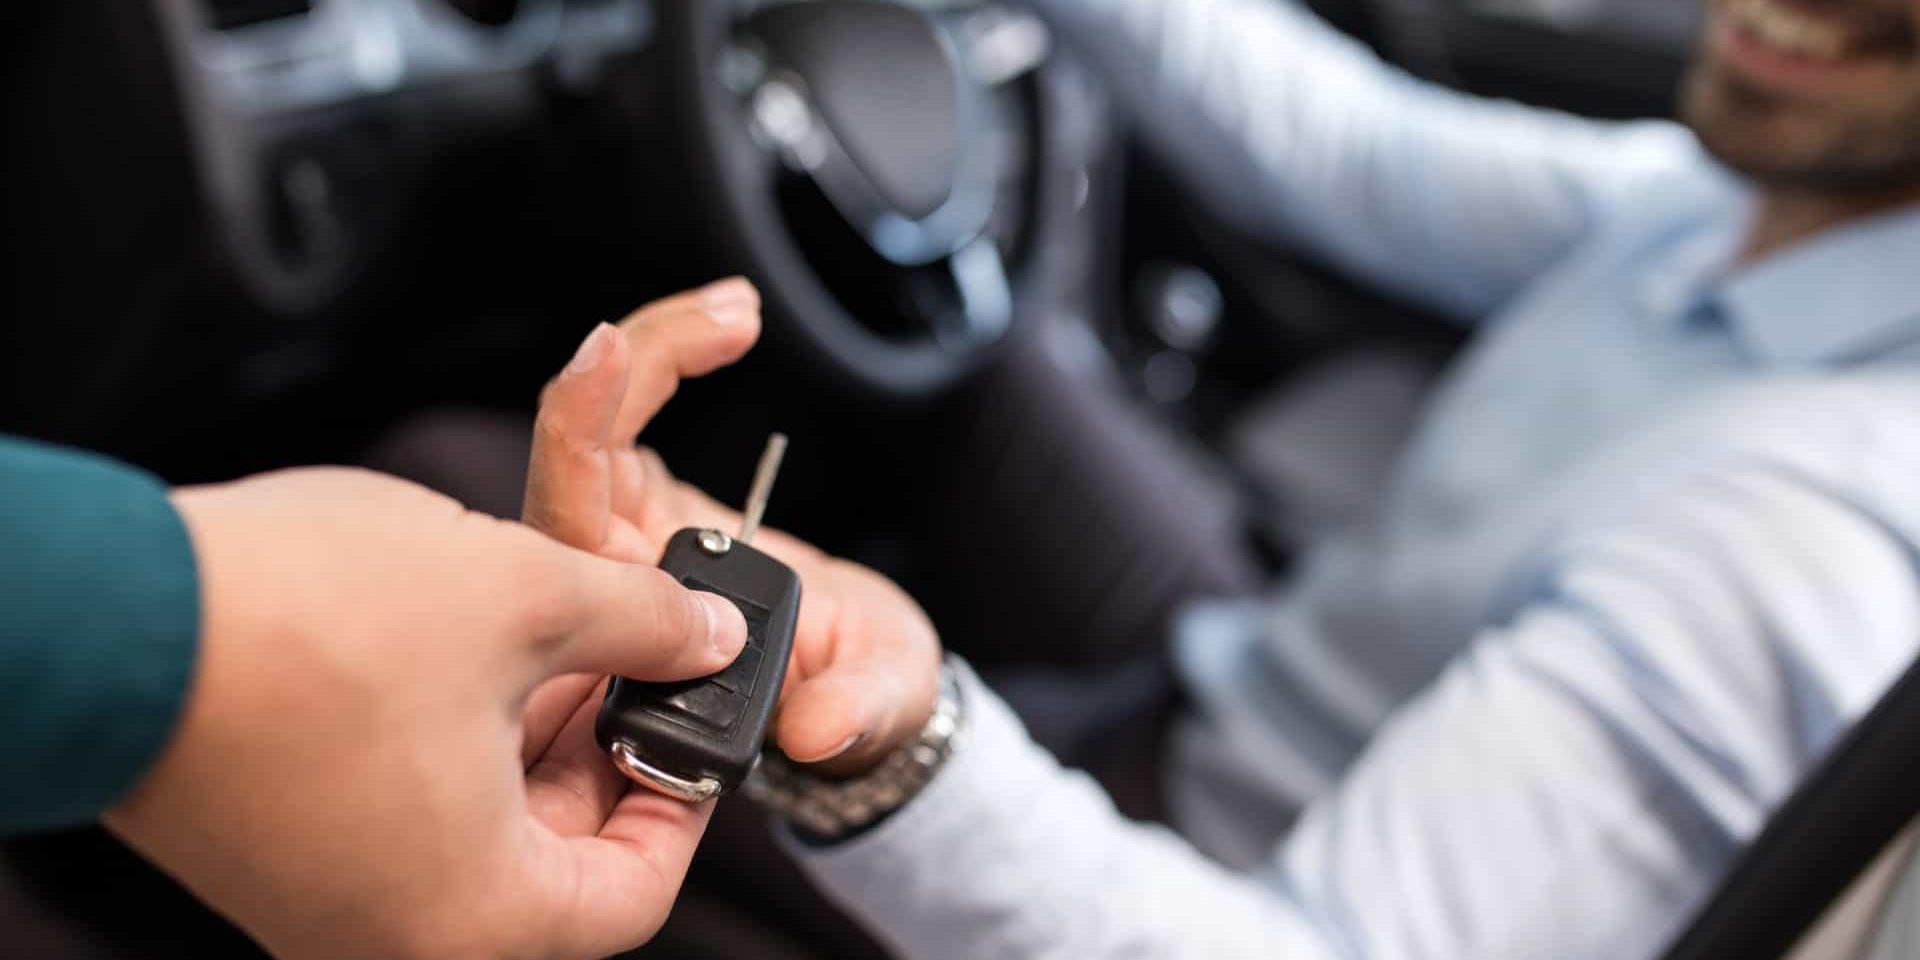 Evitando engaños y reclamaciones en la compraventa de vehículos usados entre particulares